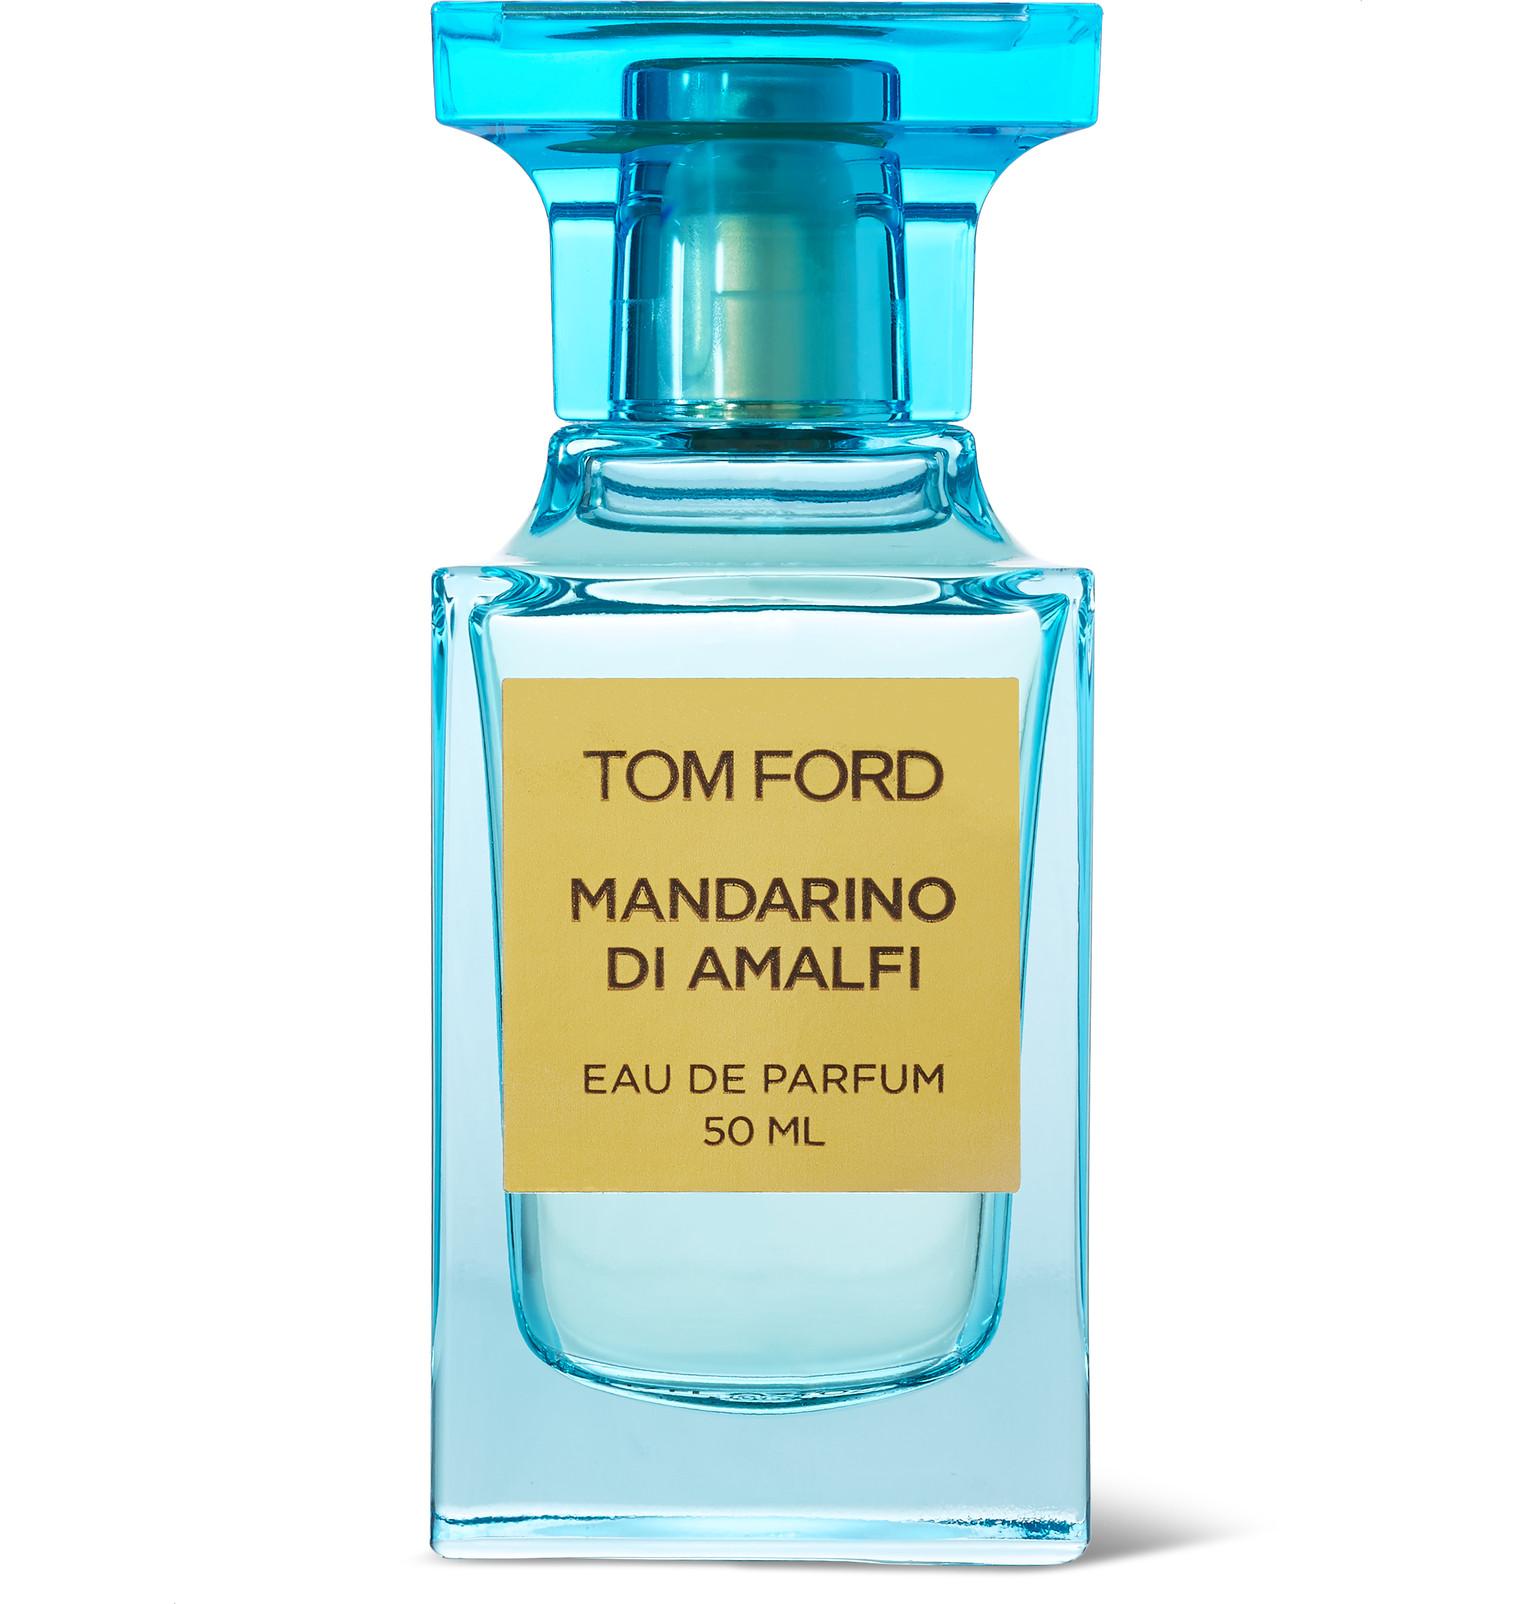 2bd040d1f36724 TOM FORD BEAUTYMandarino Di Amalfi Eau De Parfum - Mandarin Oil Italy Orpur    Lemon Sfumatrice Orpur, 50ml